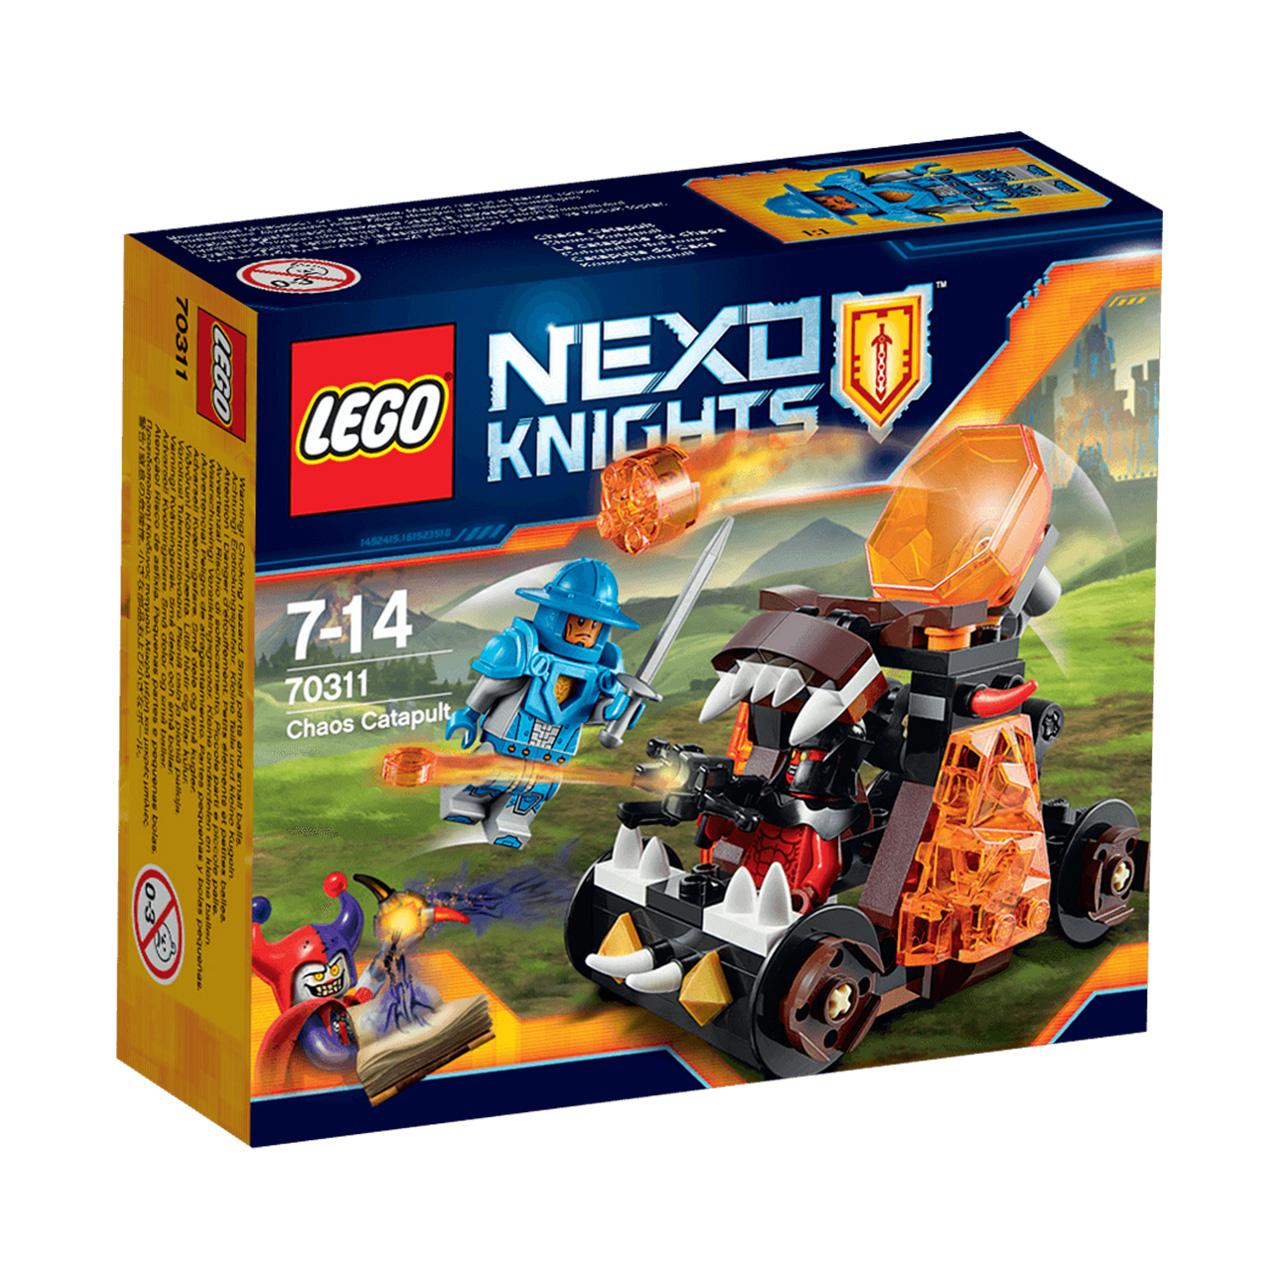 لگو سری Nexo Knight  مدل Chaous Katapult 70311